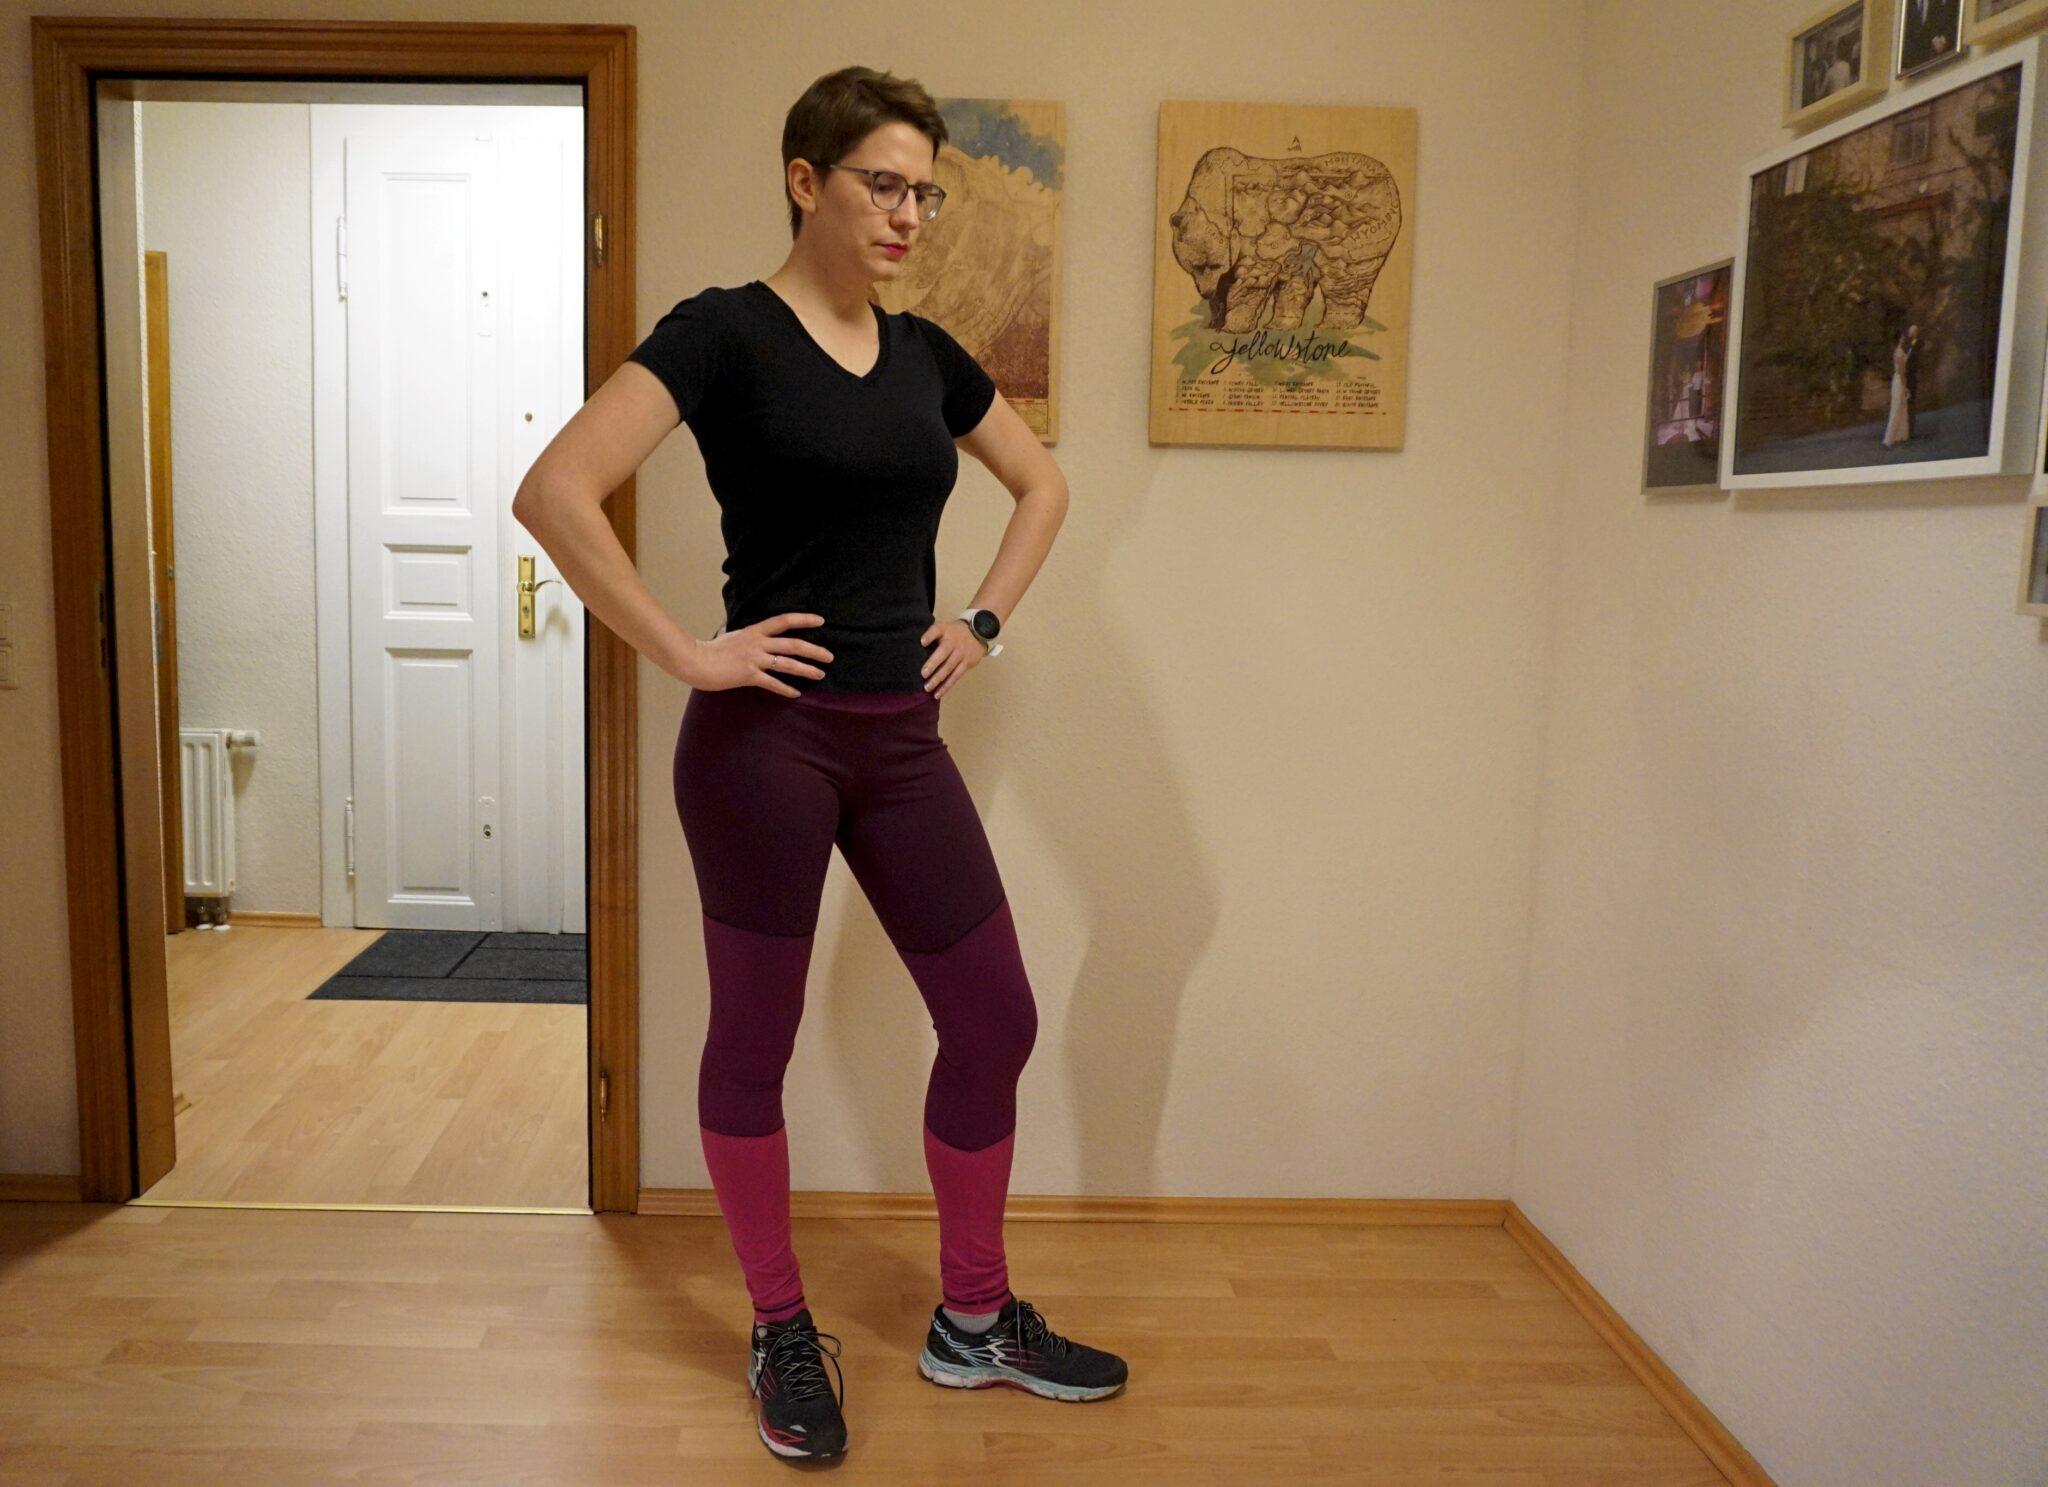 Bettina ist im Viertelprofil zu sehen. Sie trägt ein schwarzes T-Shirt und ihre Aila Leggings mit Colorblocking in drei Beerenfarben.